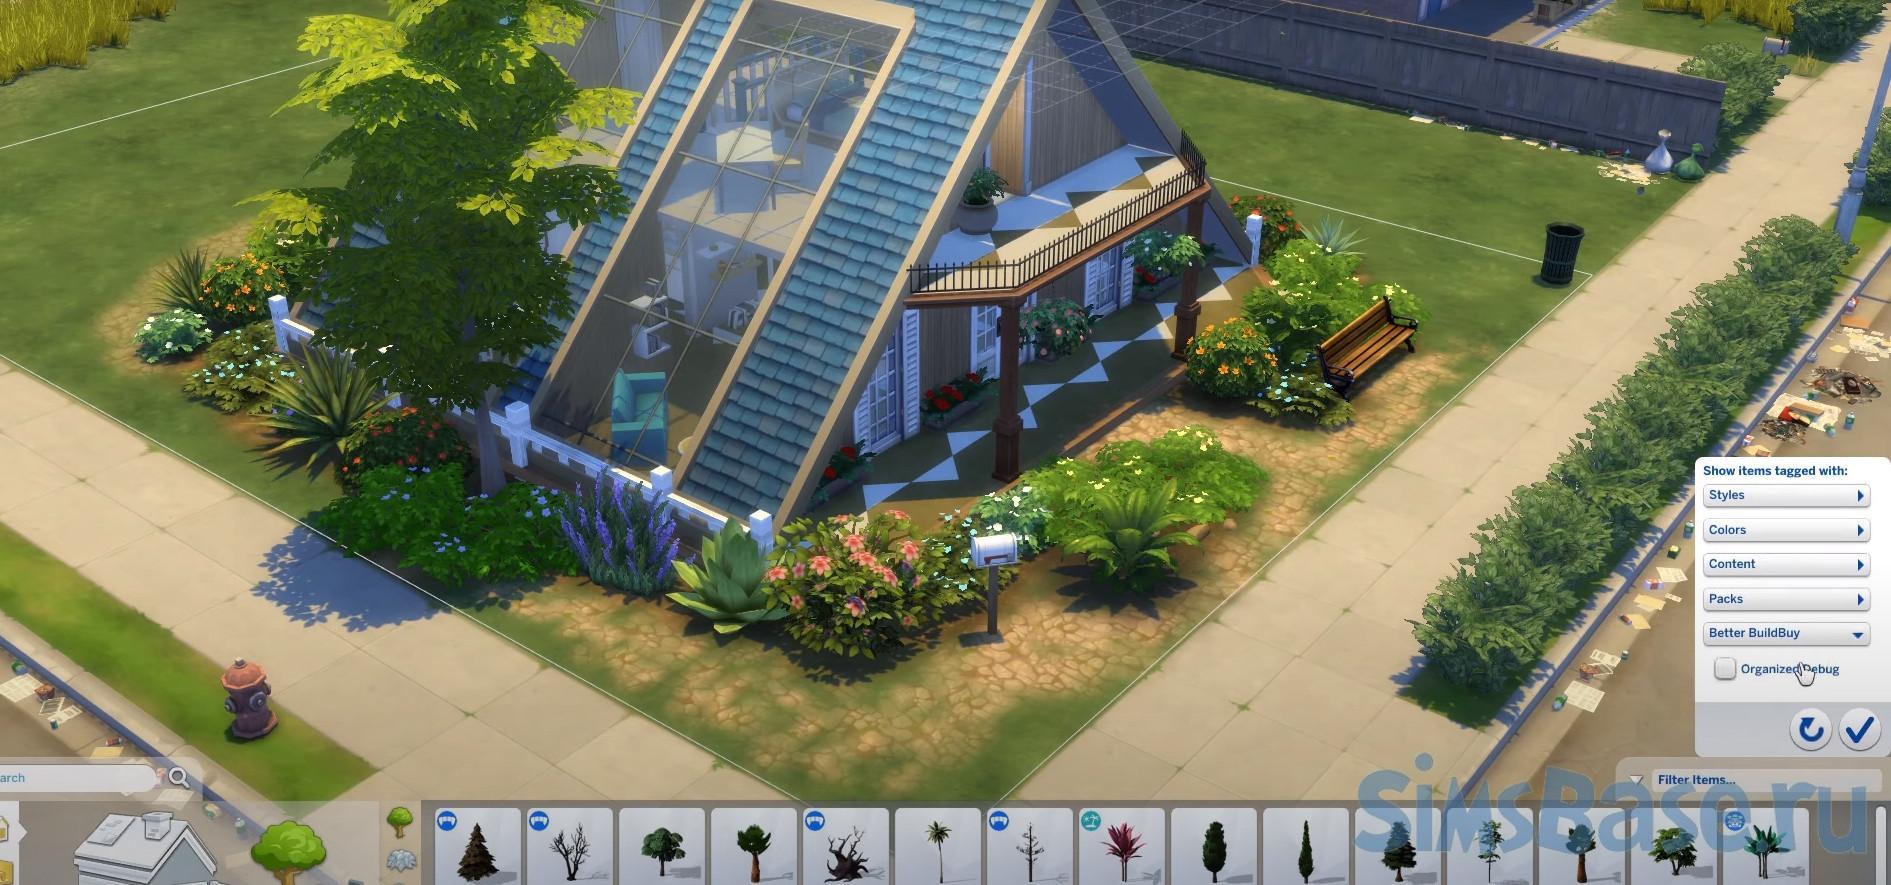 Мод «Расширенный режим строительства Better buildbuy» от TwistedMexi для Sims 4